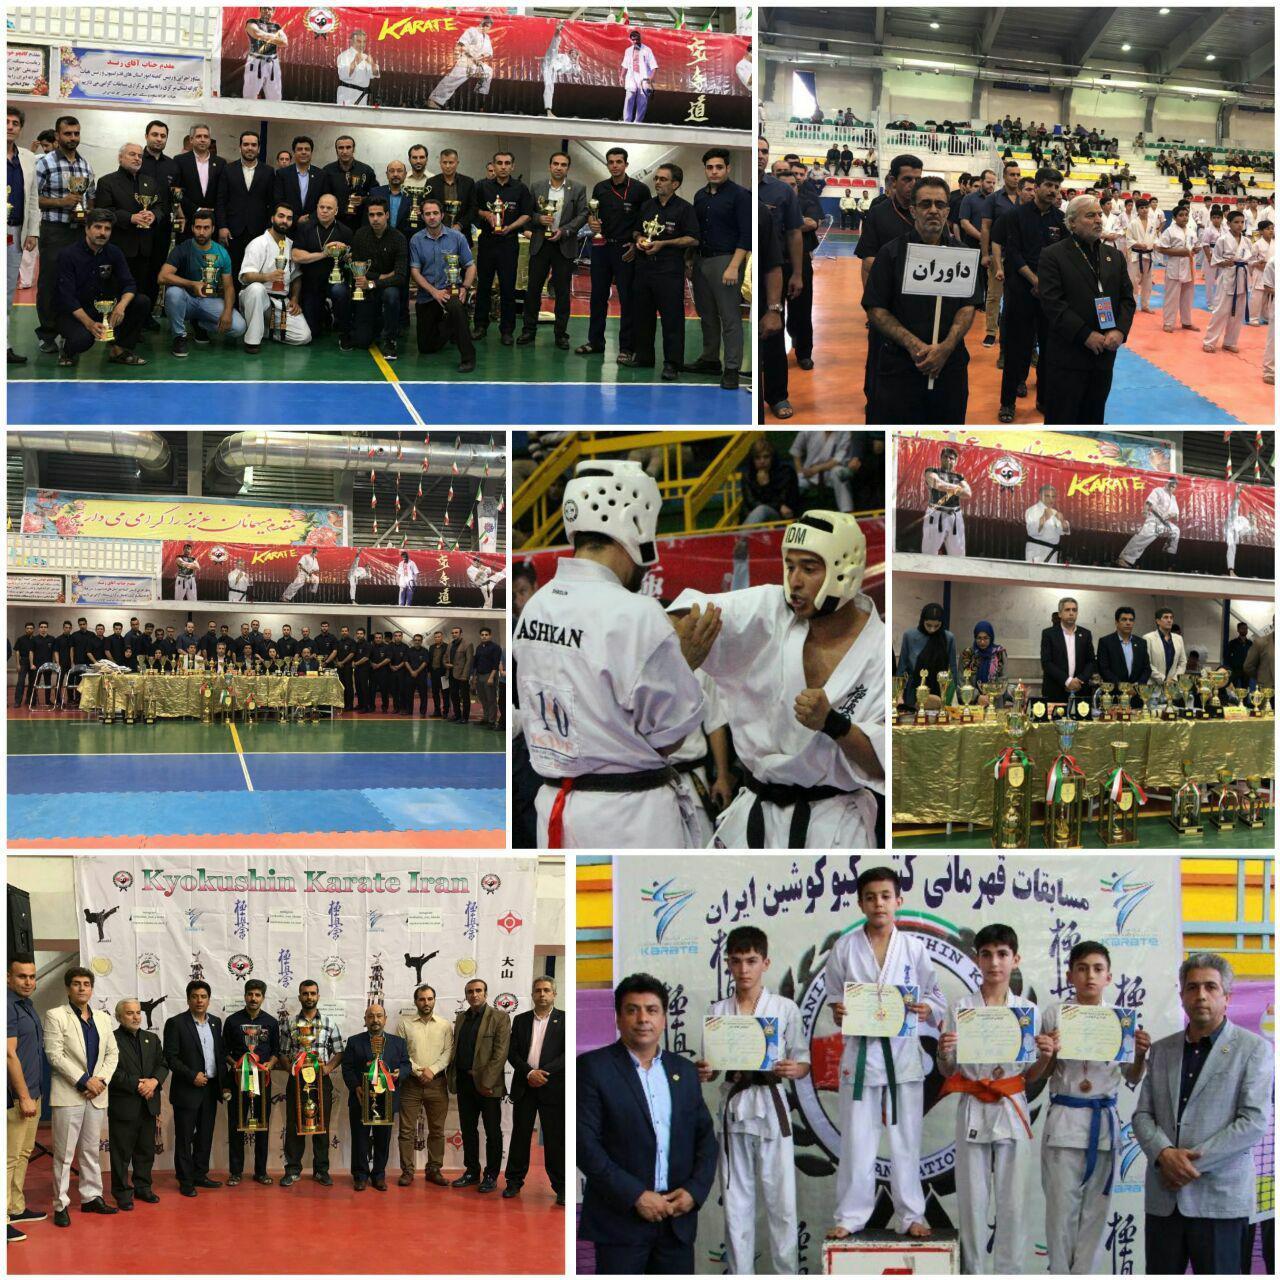 کسب مقام قهرمانی کشور توسط تیم کاراته شهر پرند